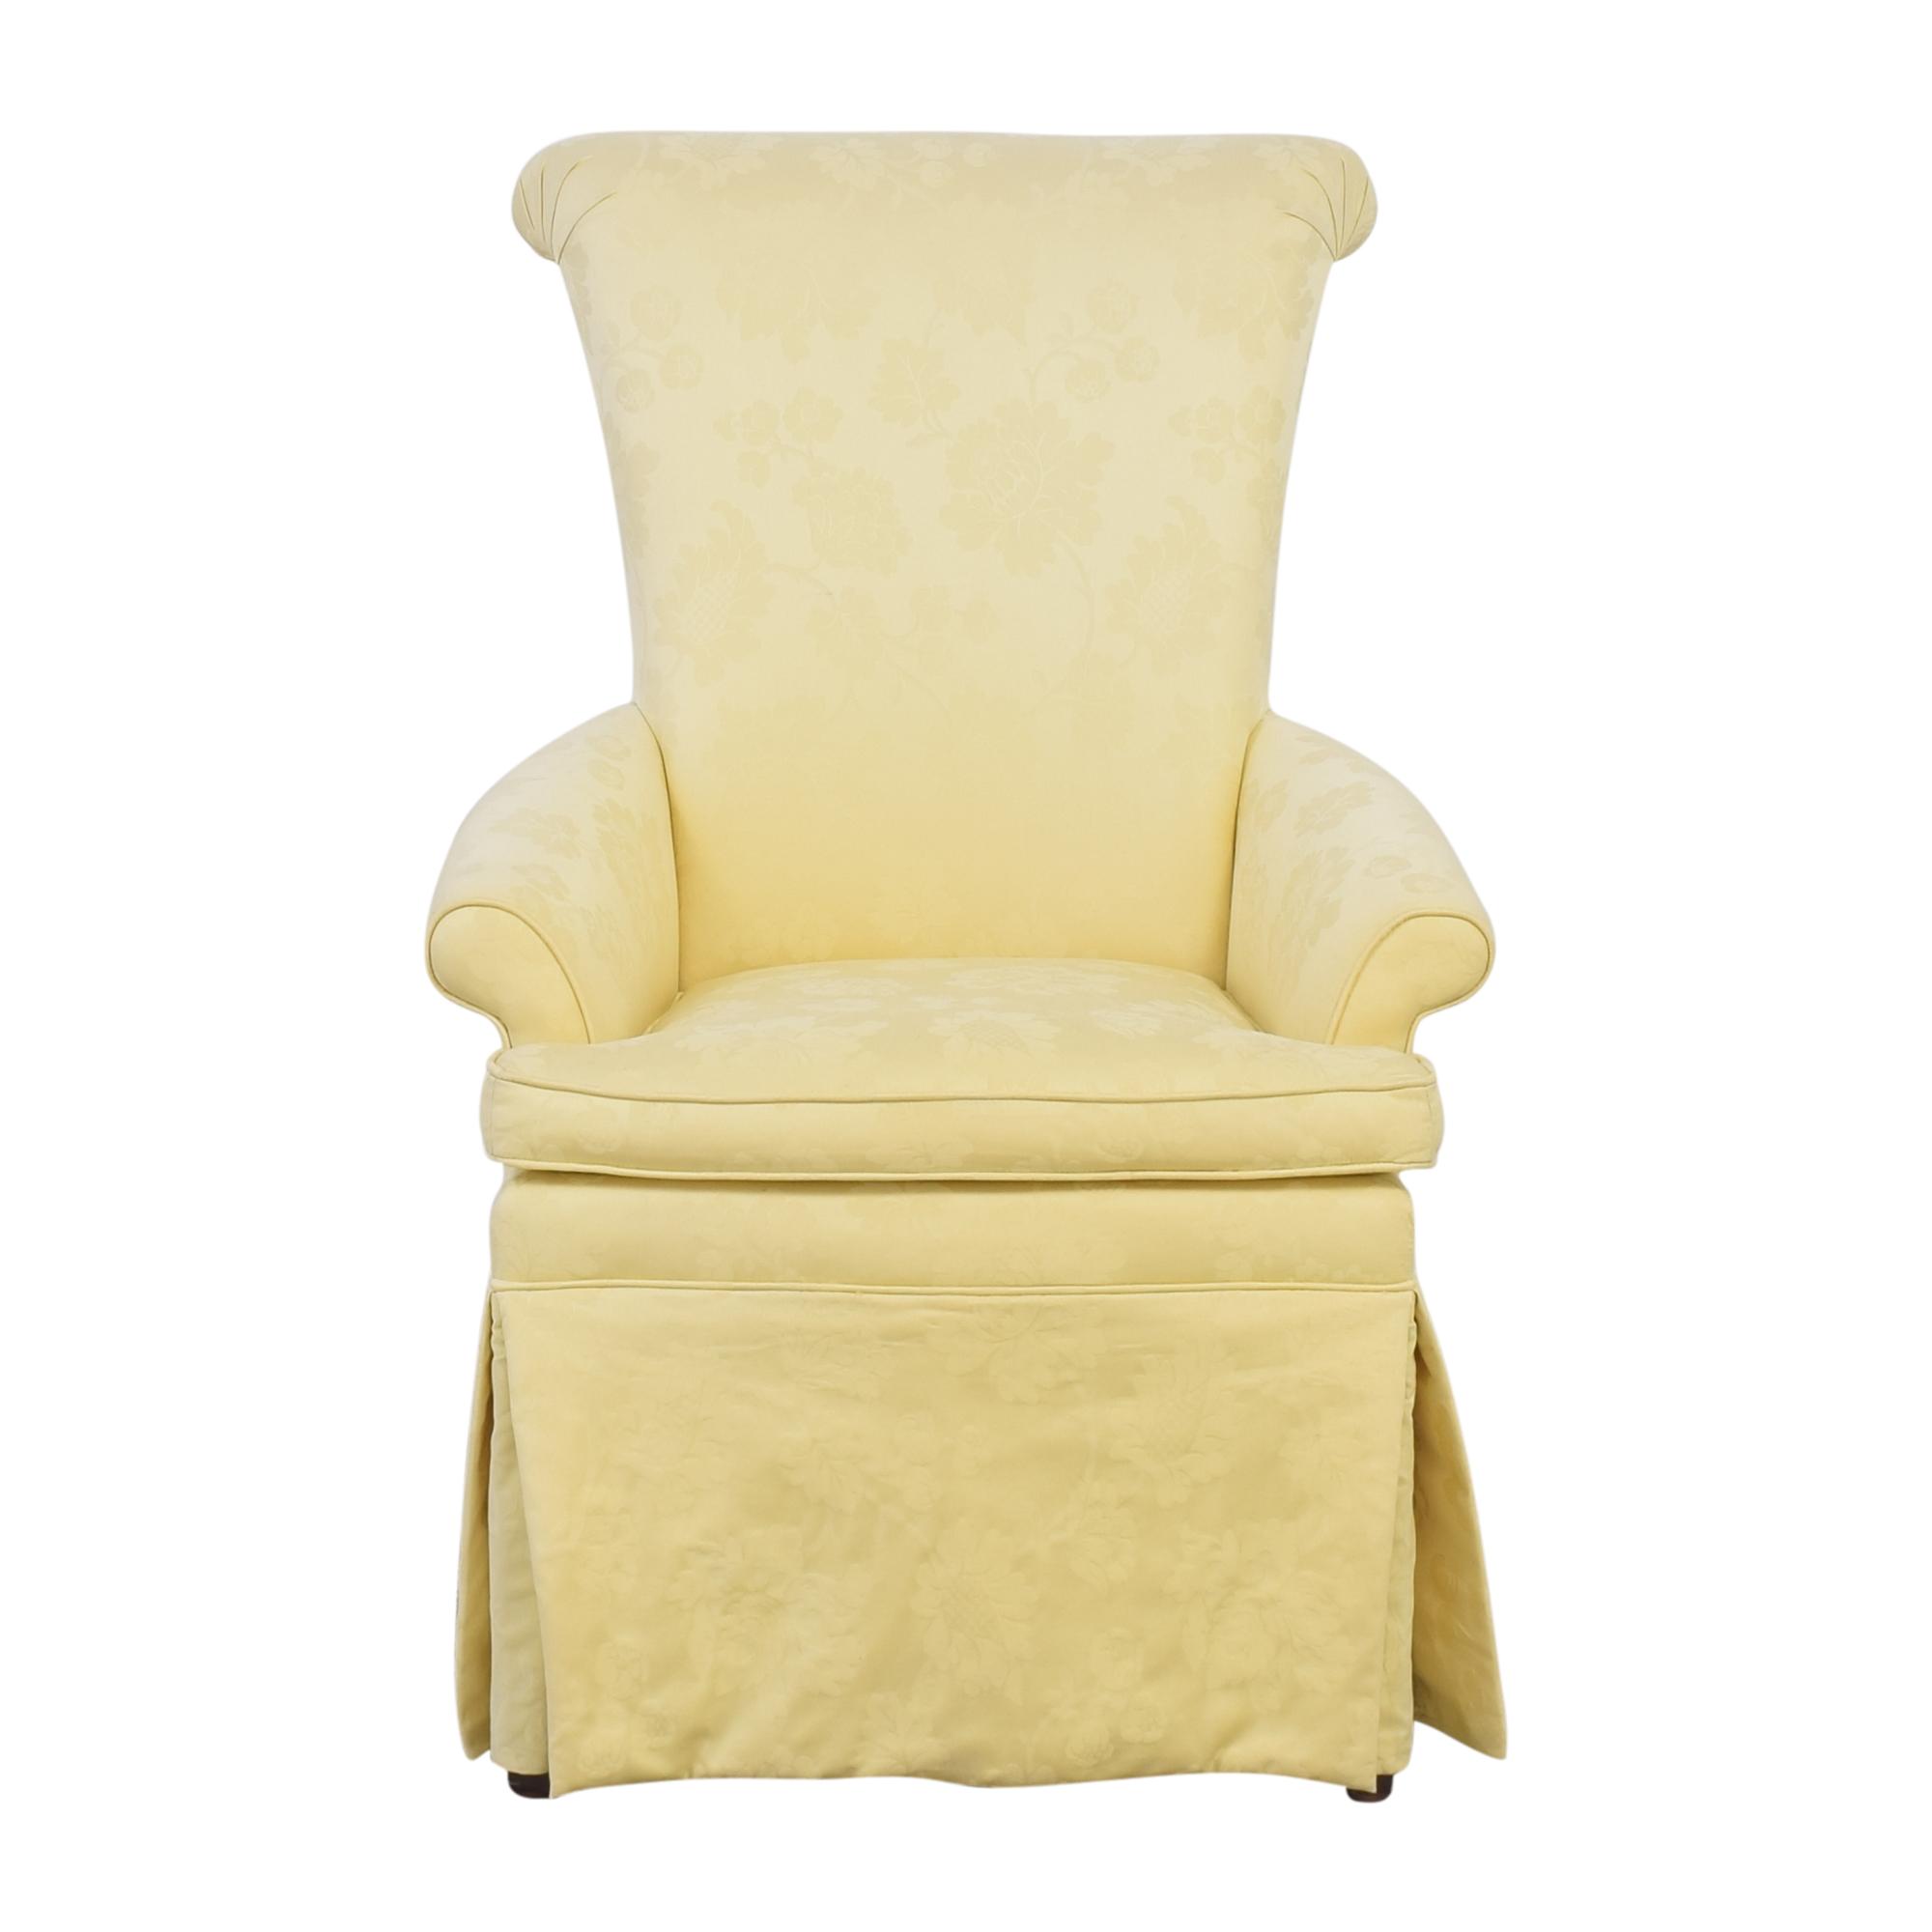 Ethan Allen Ethan Allen Skirted Host Chair second hand